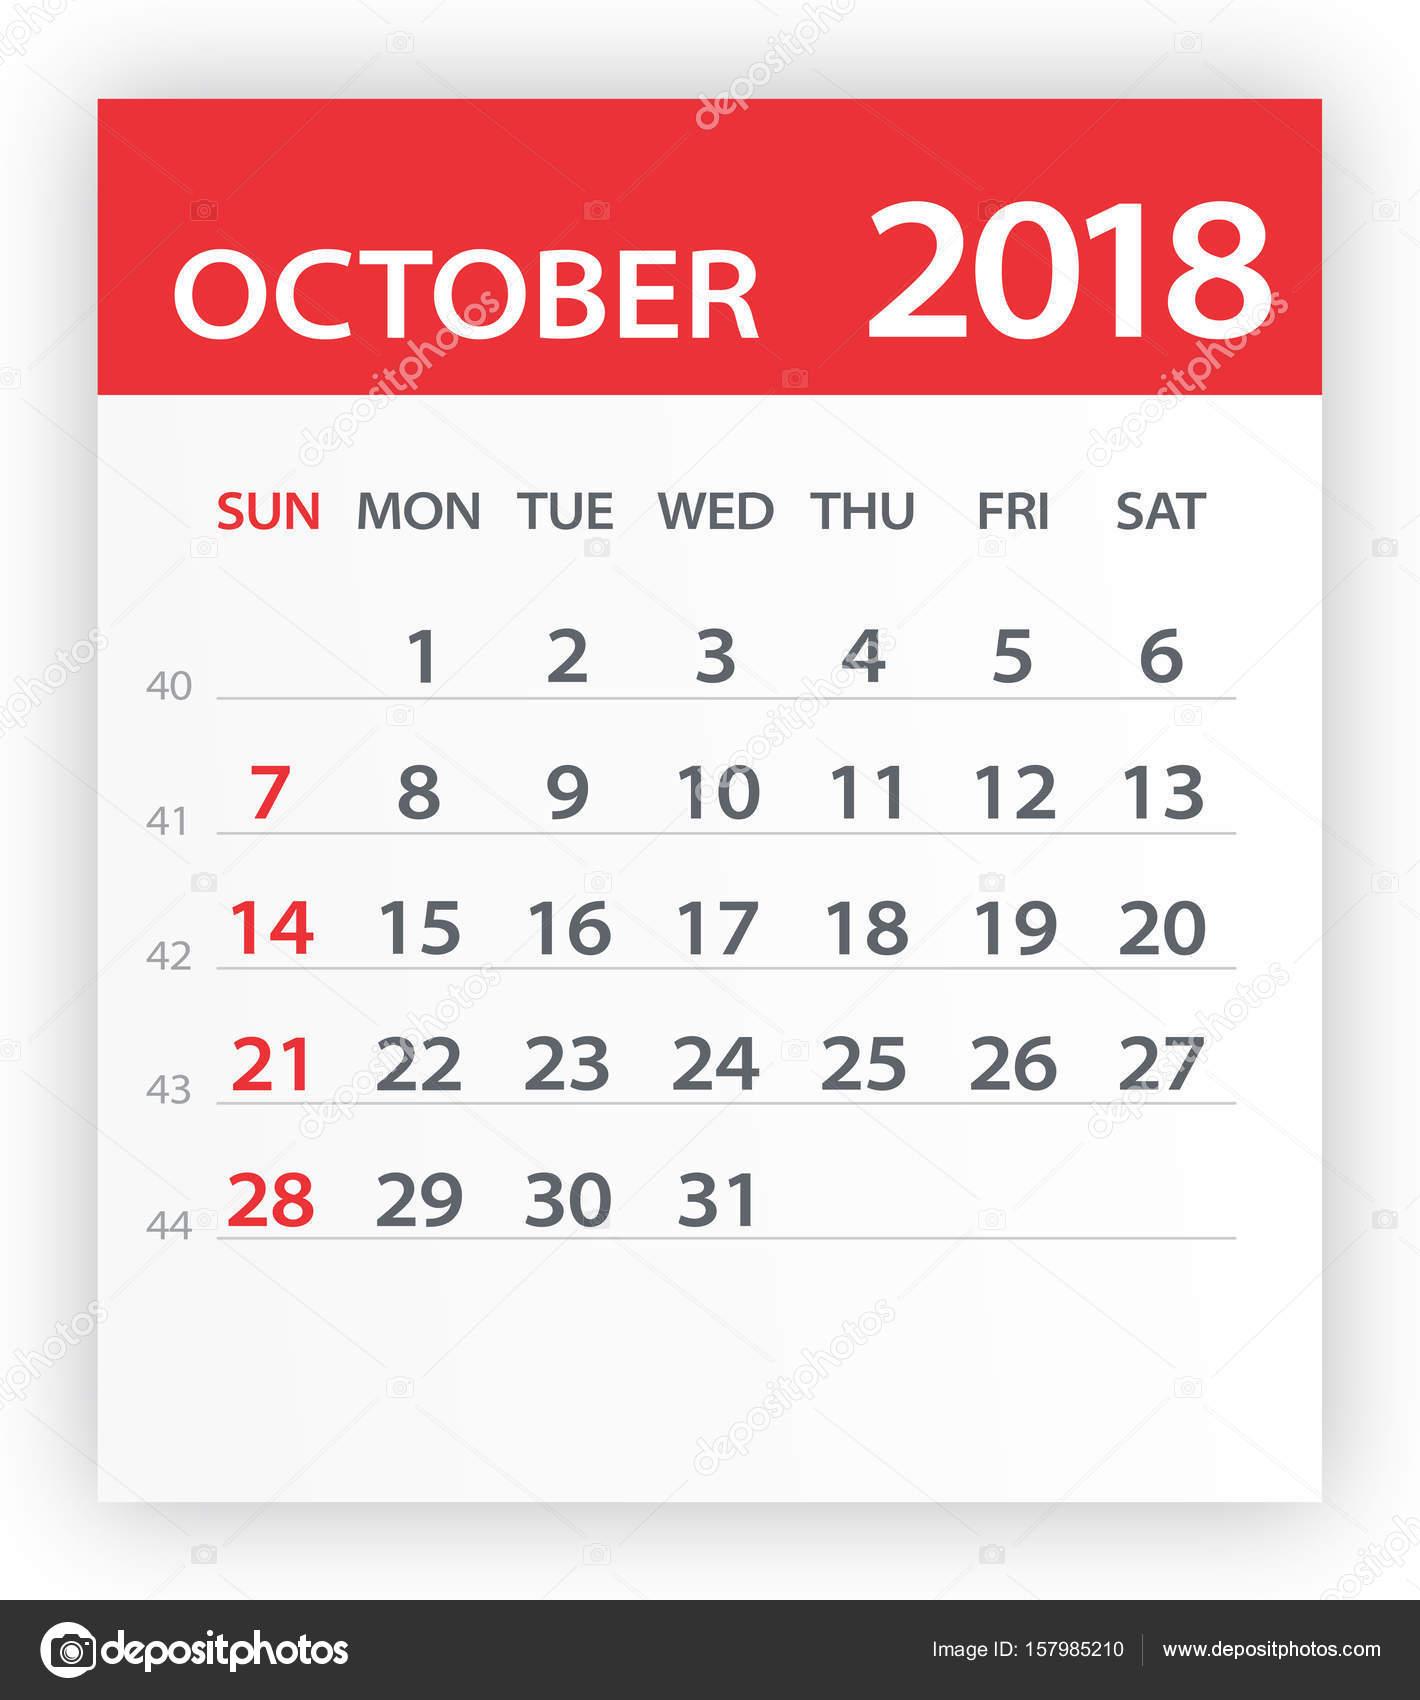 Calener October: October 2018 Calendar Red Leaf